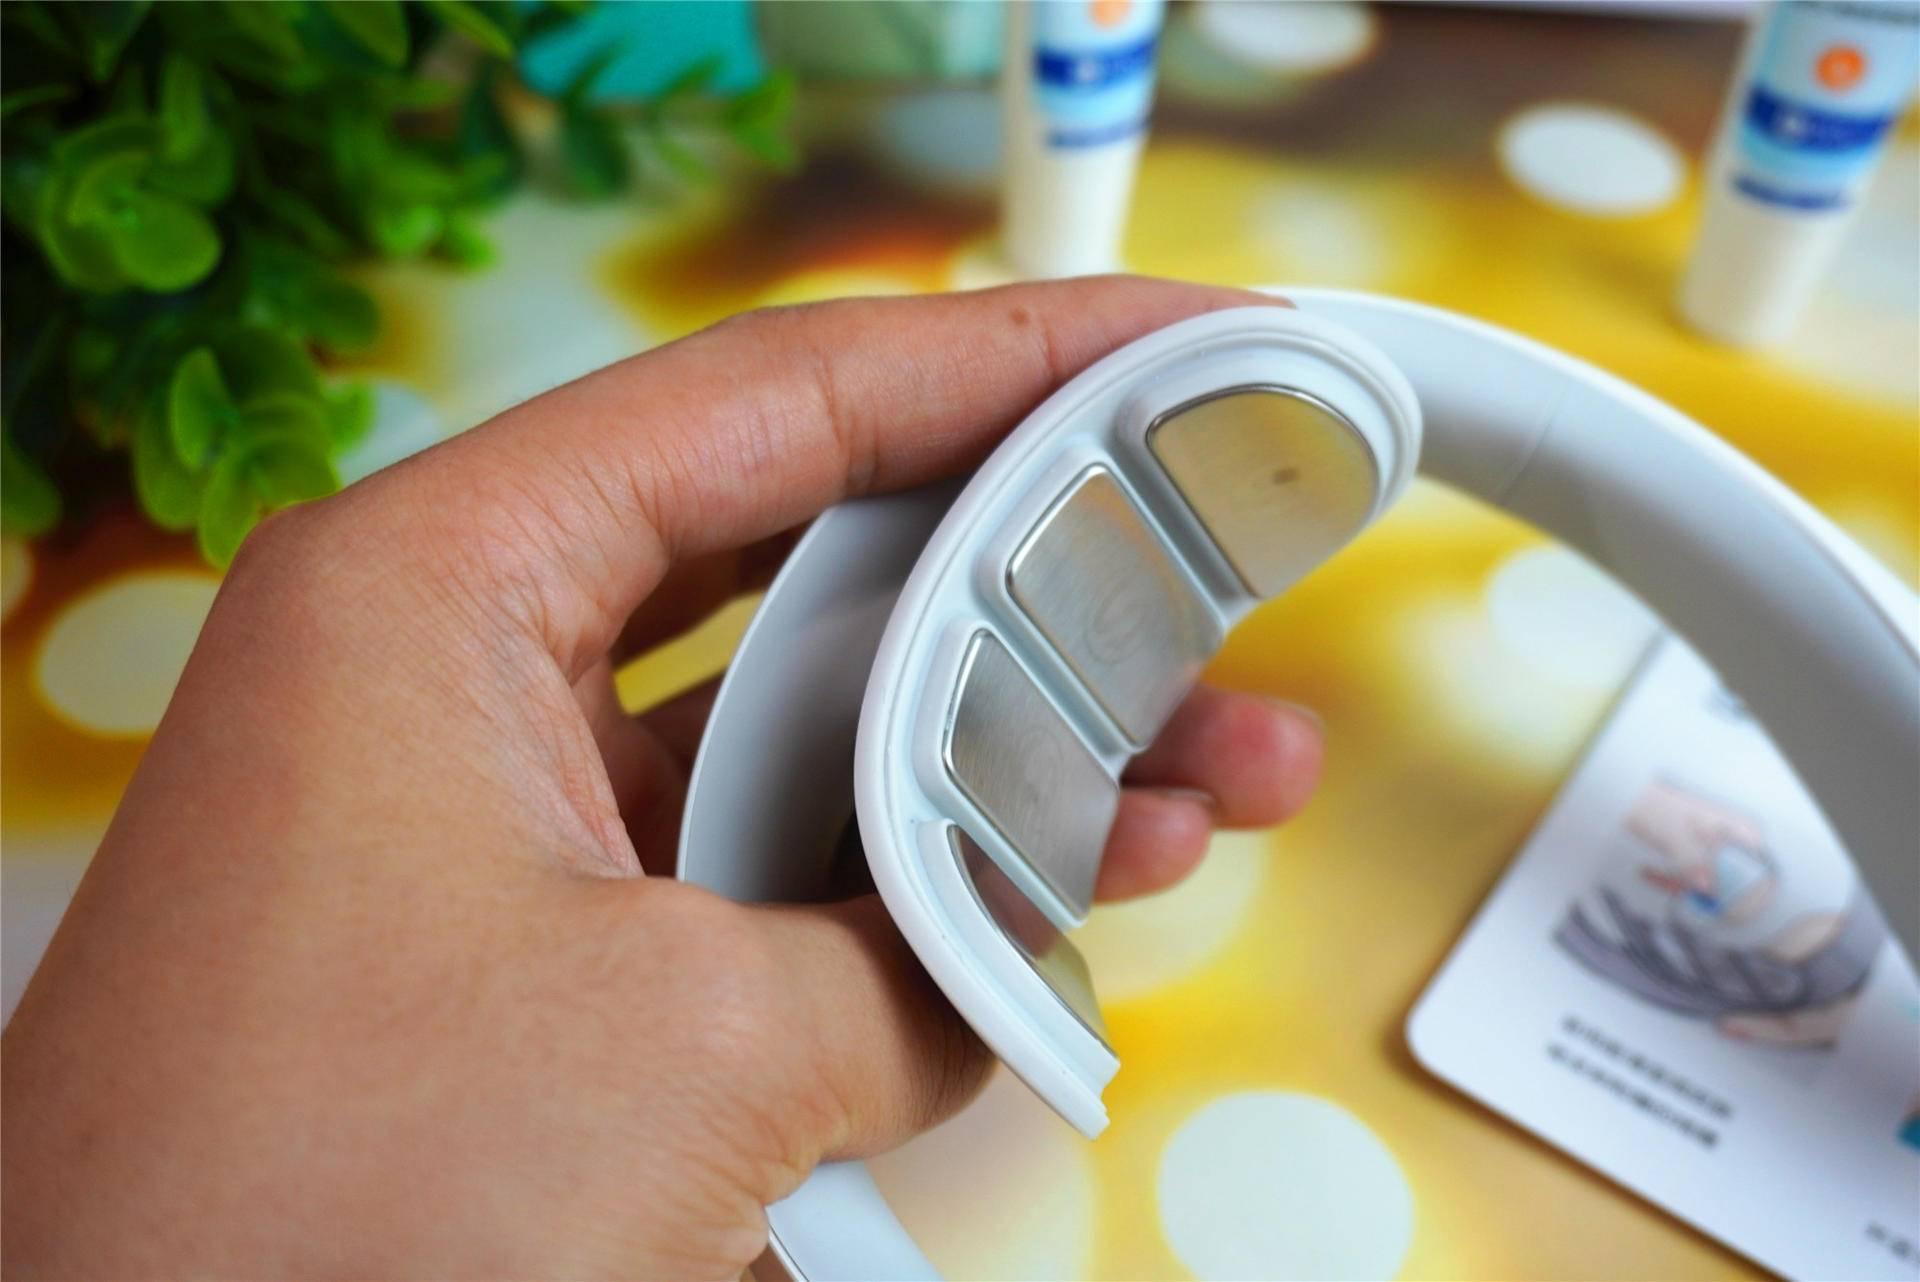 电动颈椎按摩器品牌(口碑最好的电动颈椎按摩器测评)